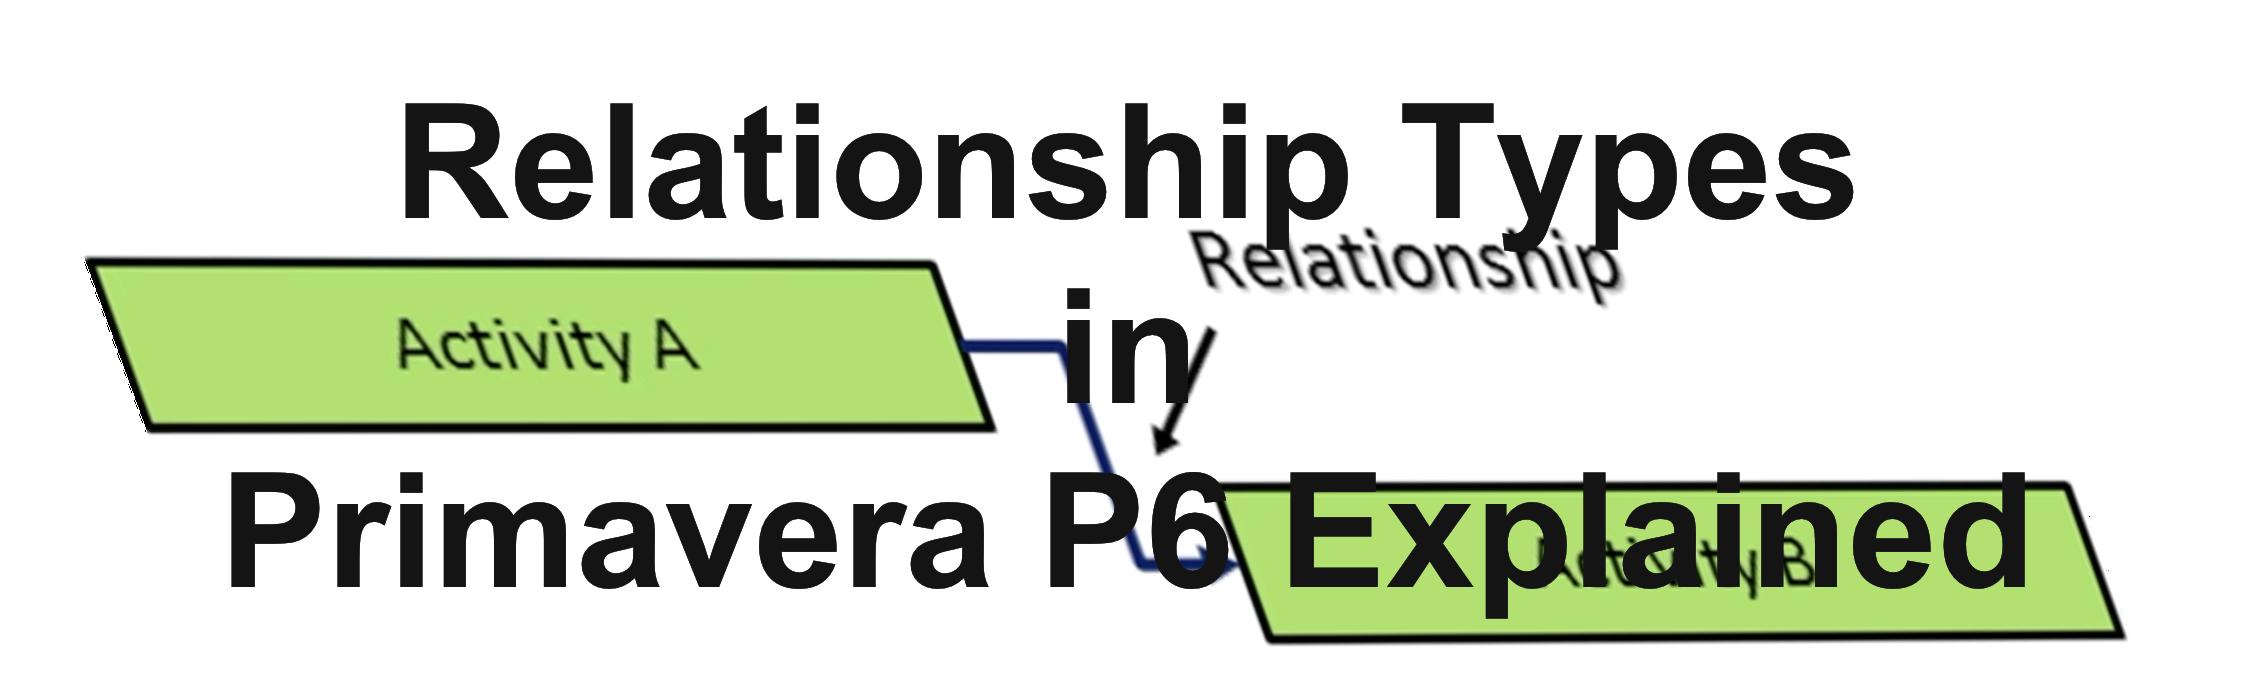 Relationship Types in Primavera P6 Explained